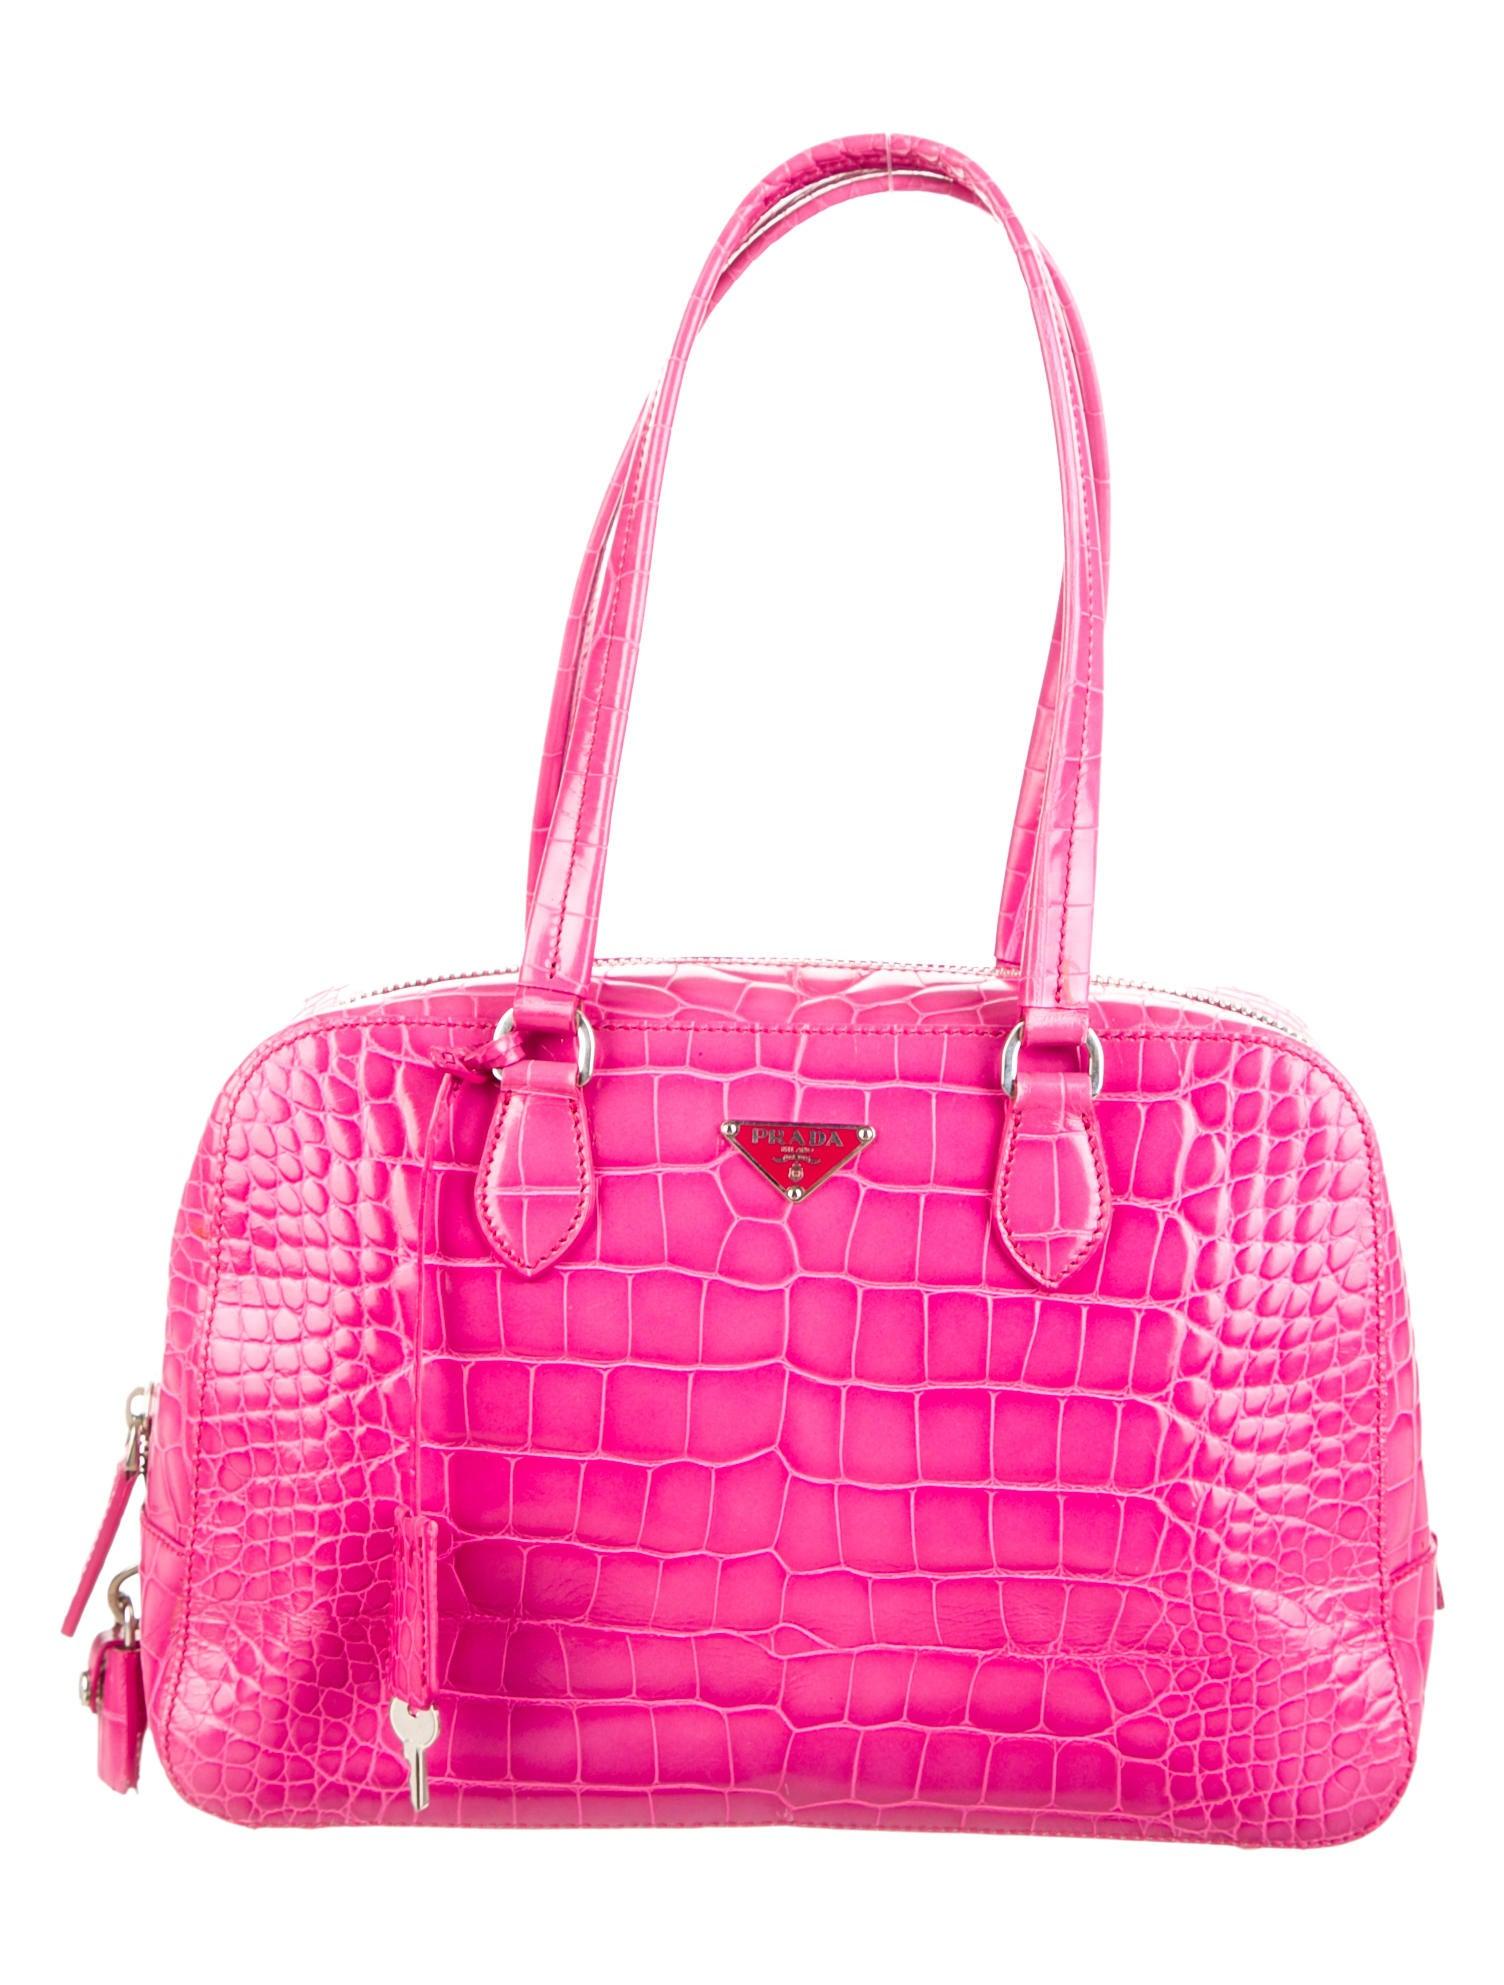 Prada St. Cocco Lucido Bauletto Bag - Handbags - PRA63889 | The ...